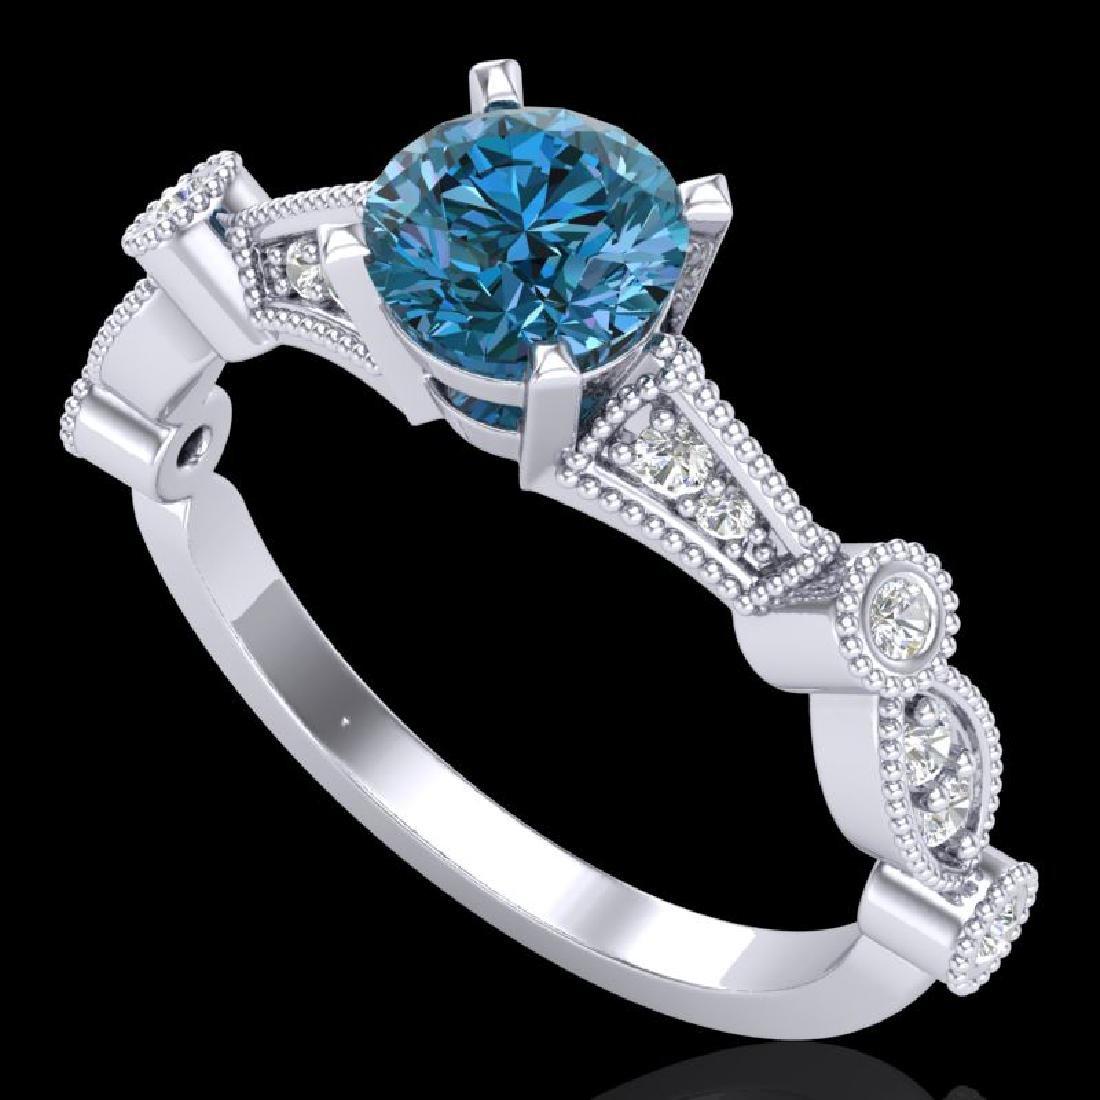 1.03 CTW Fancy Intense Blue Diamond Solitaire Art Deco